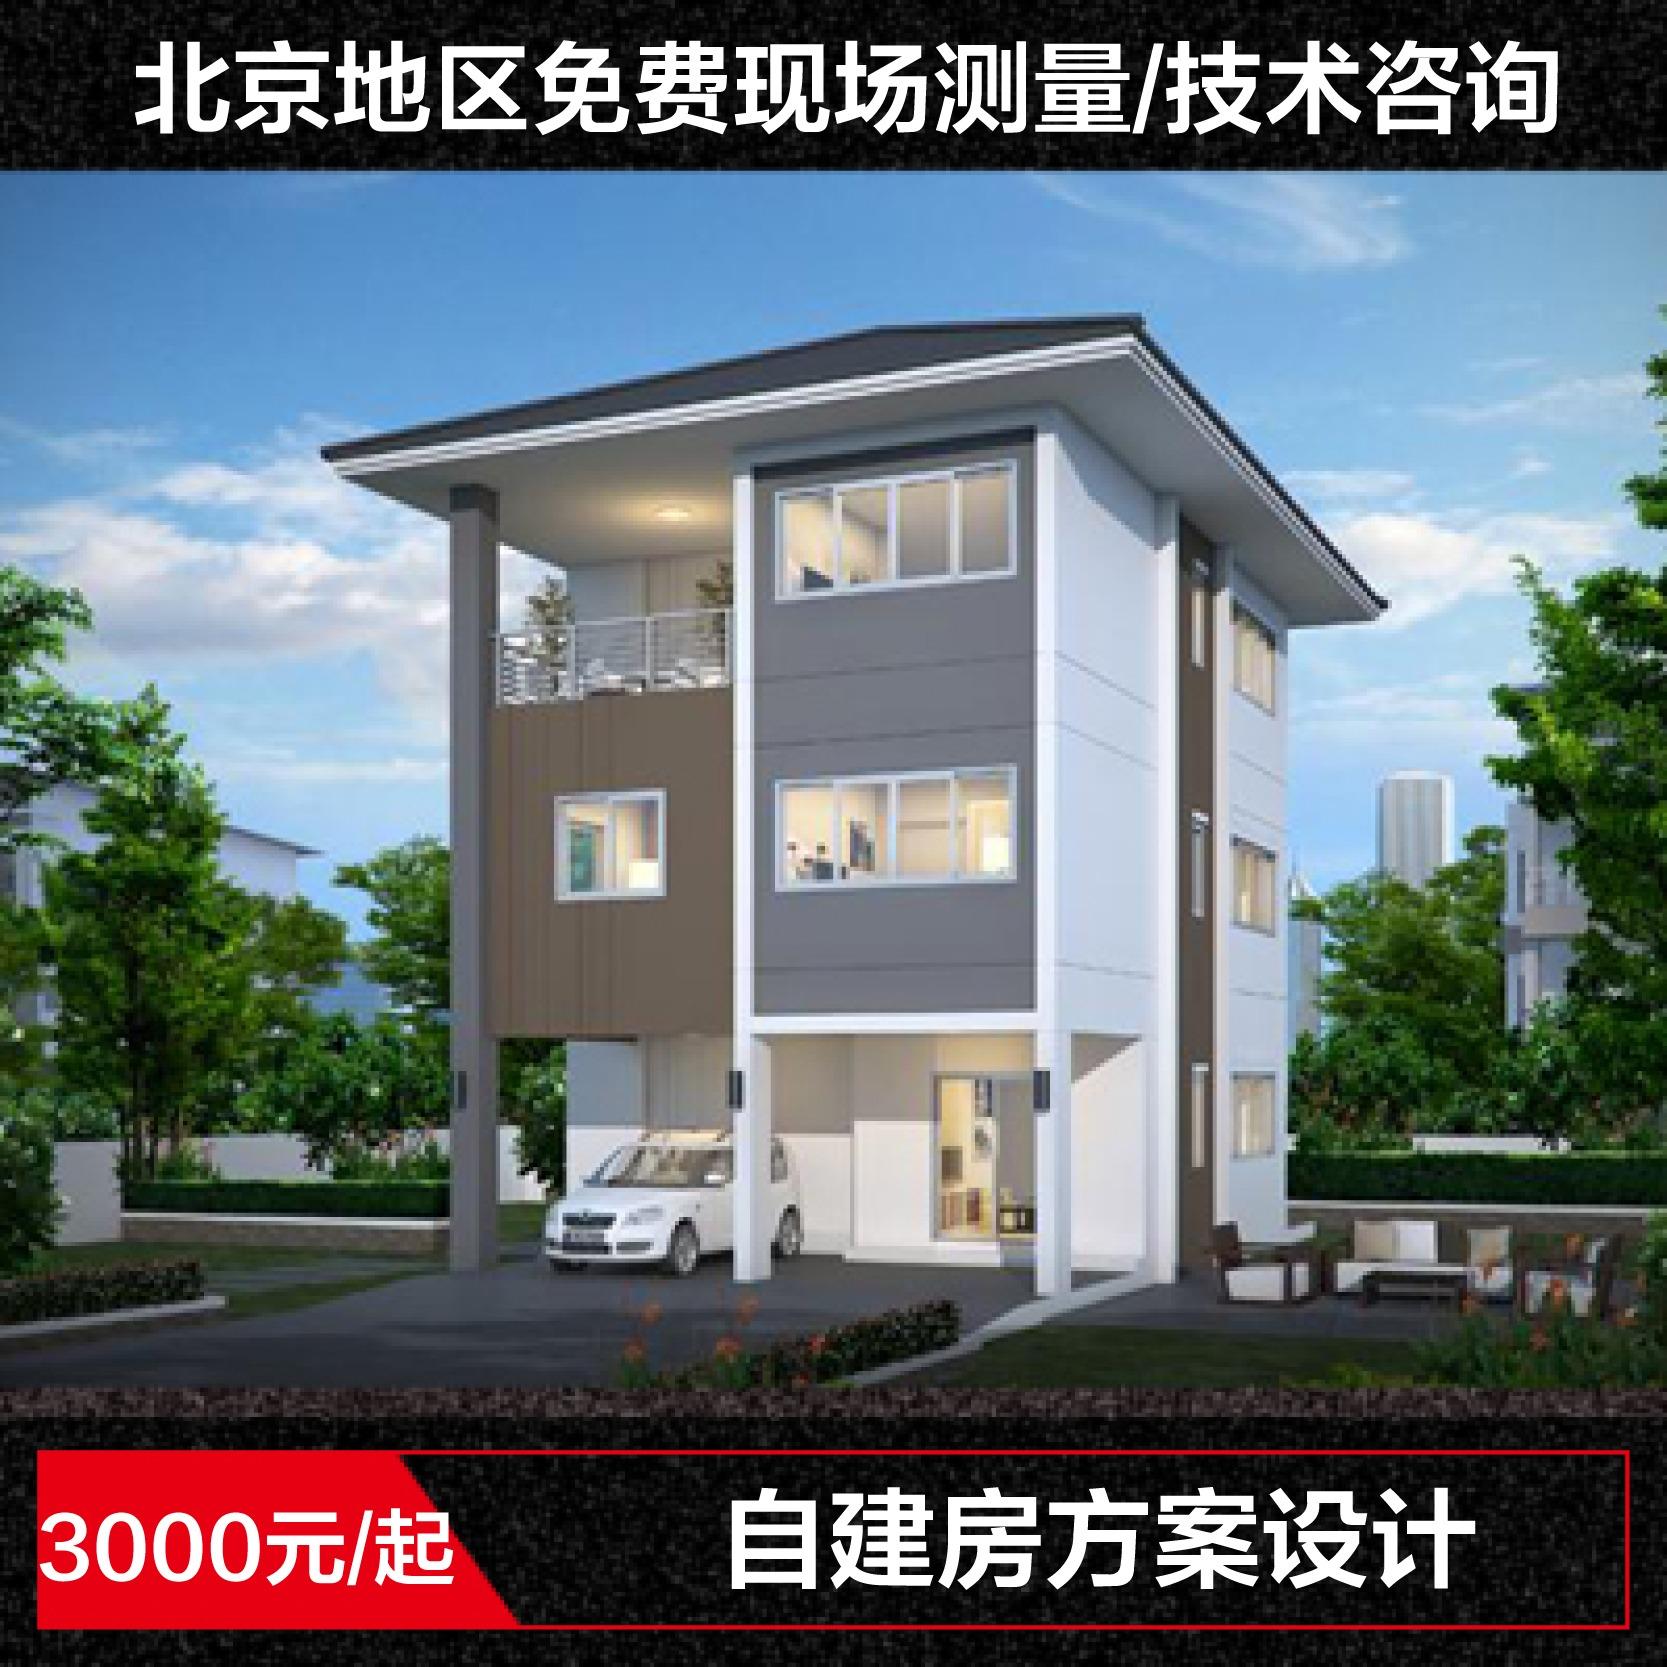 自建房方案设计 北京地区提供现场踏勘服务